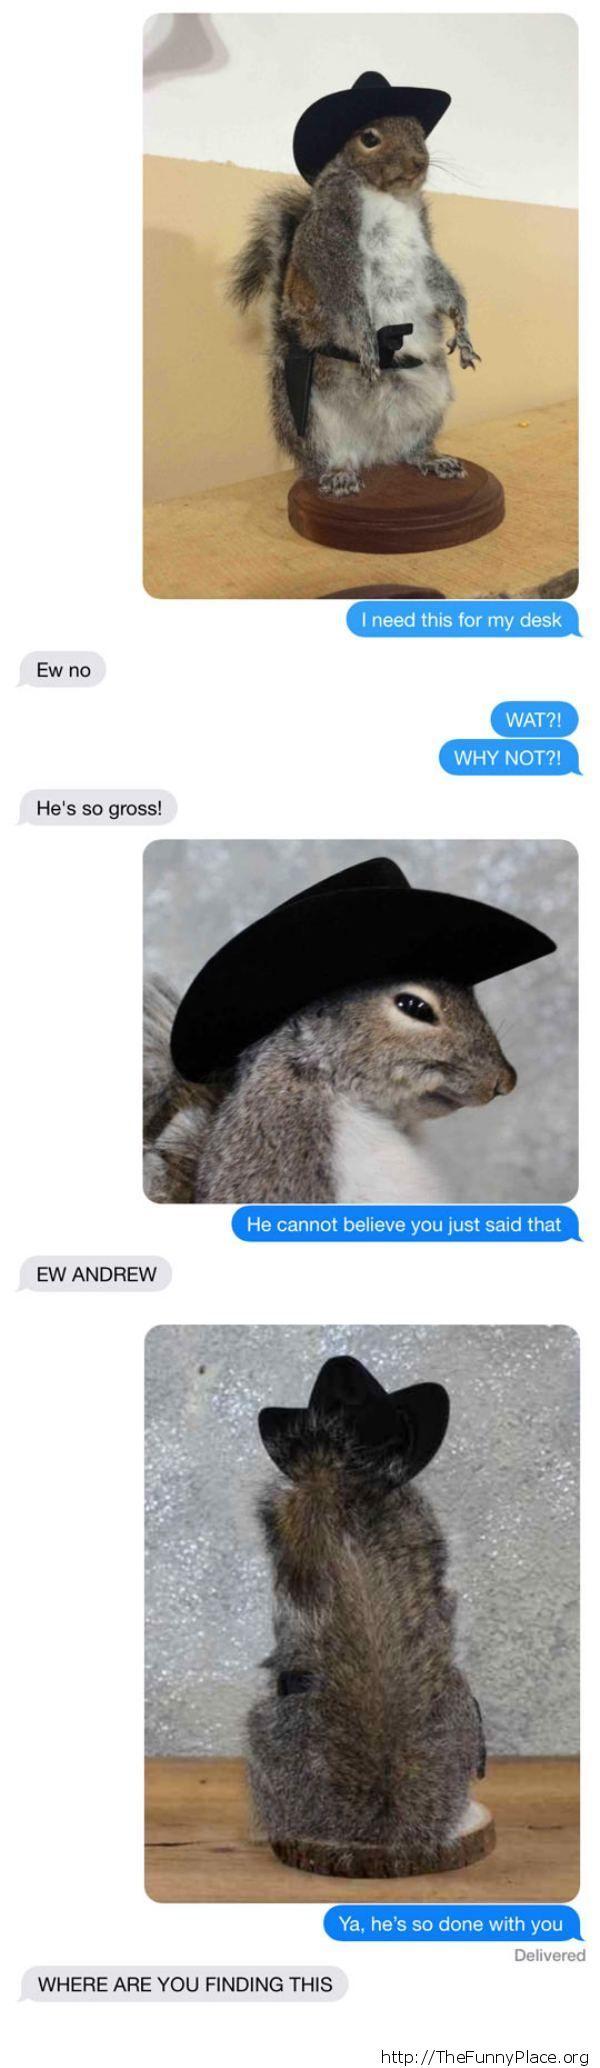 Stuffed squirrel